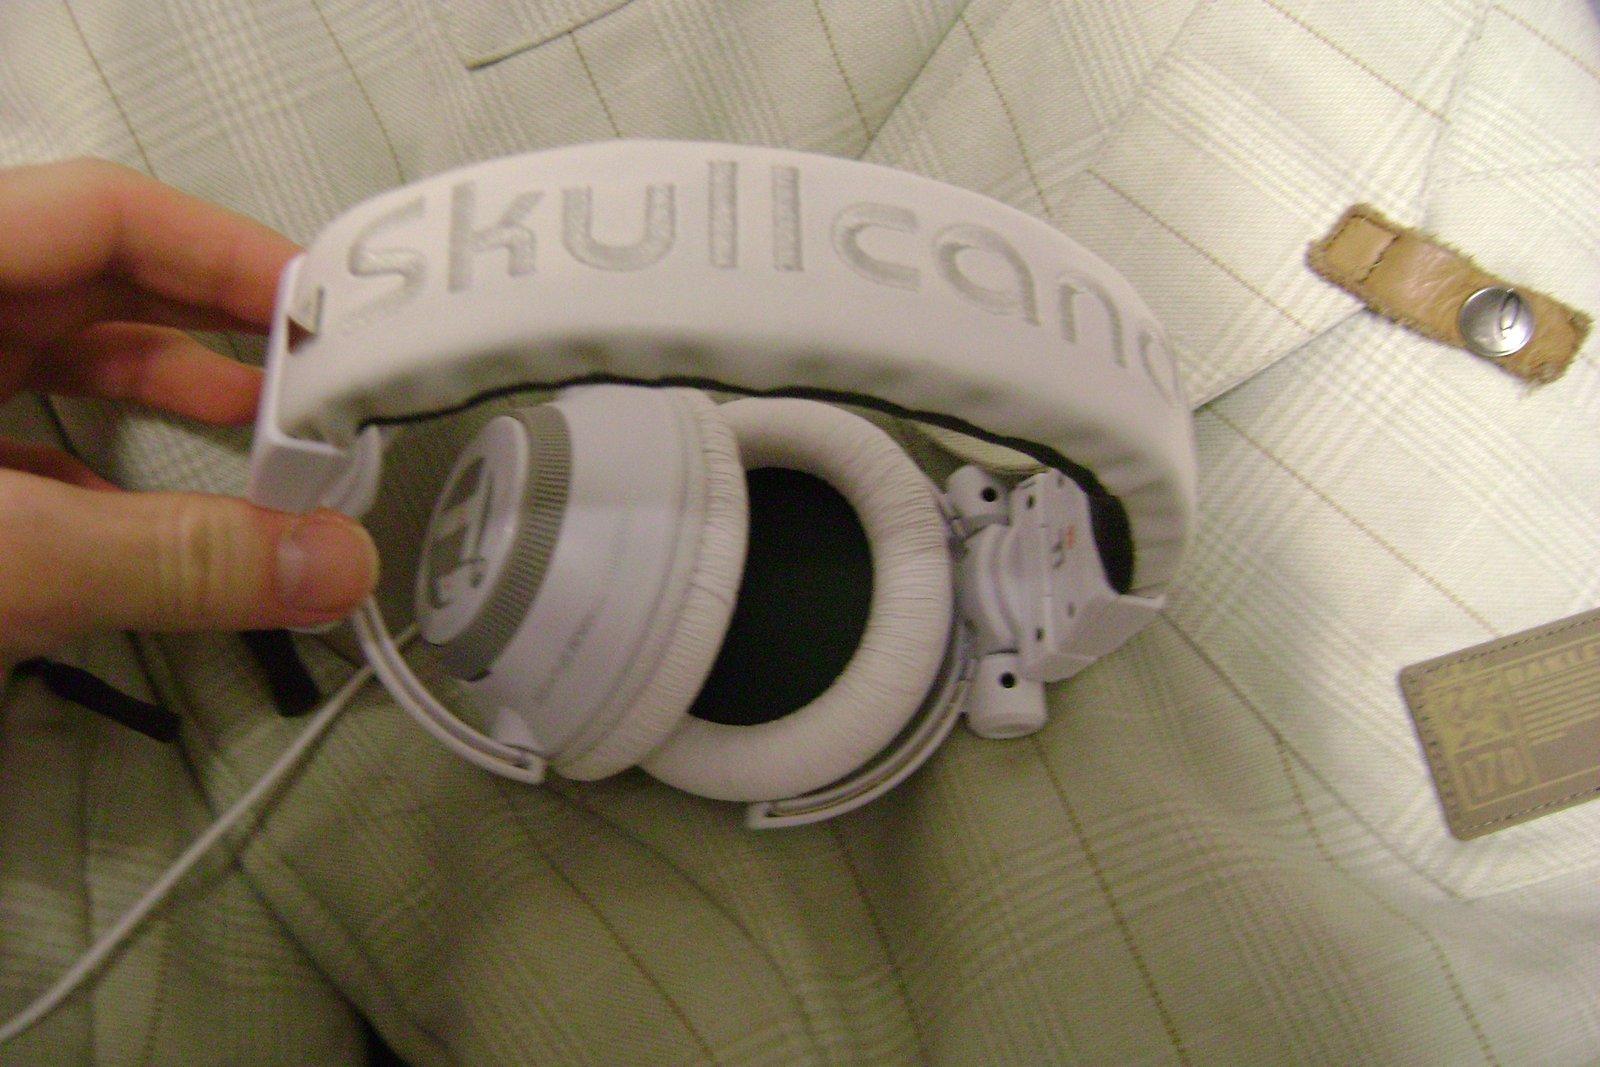 SkullCandy TI's